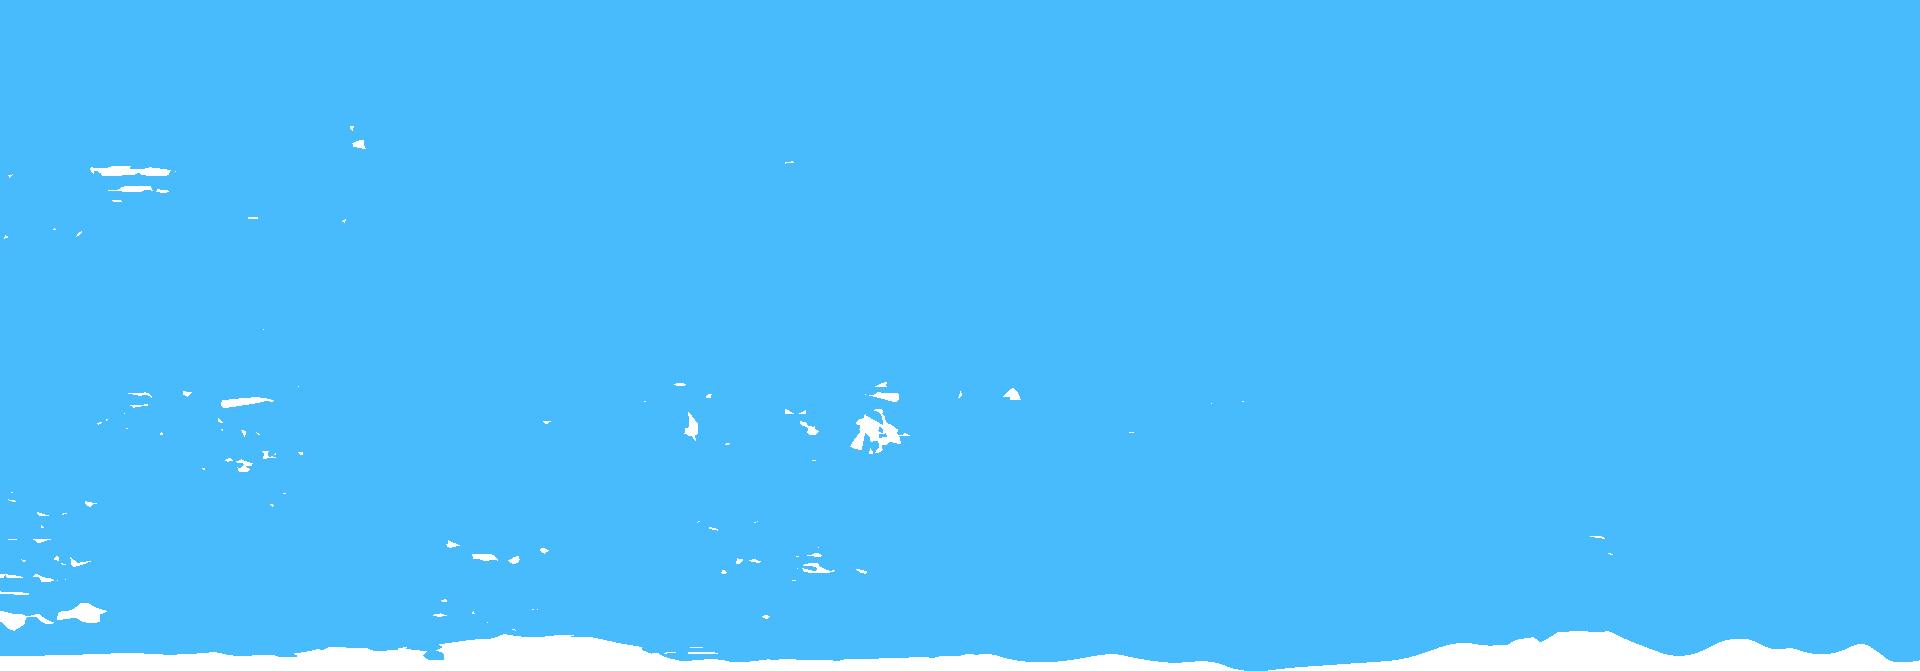 Header Hintergrund blau